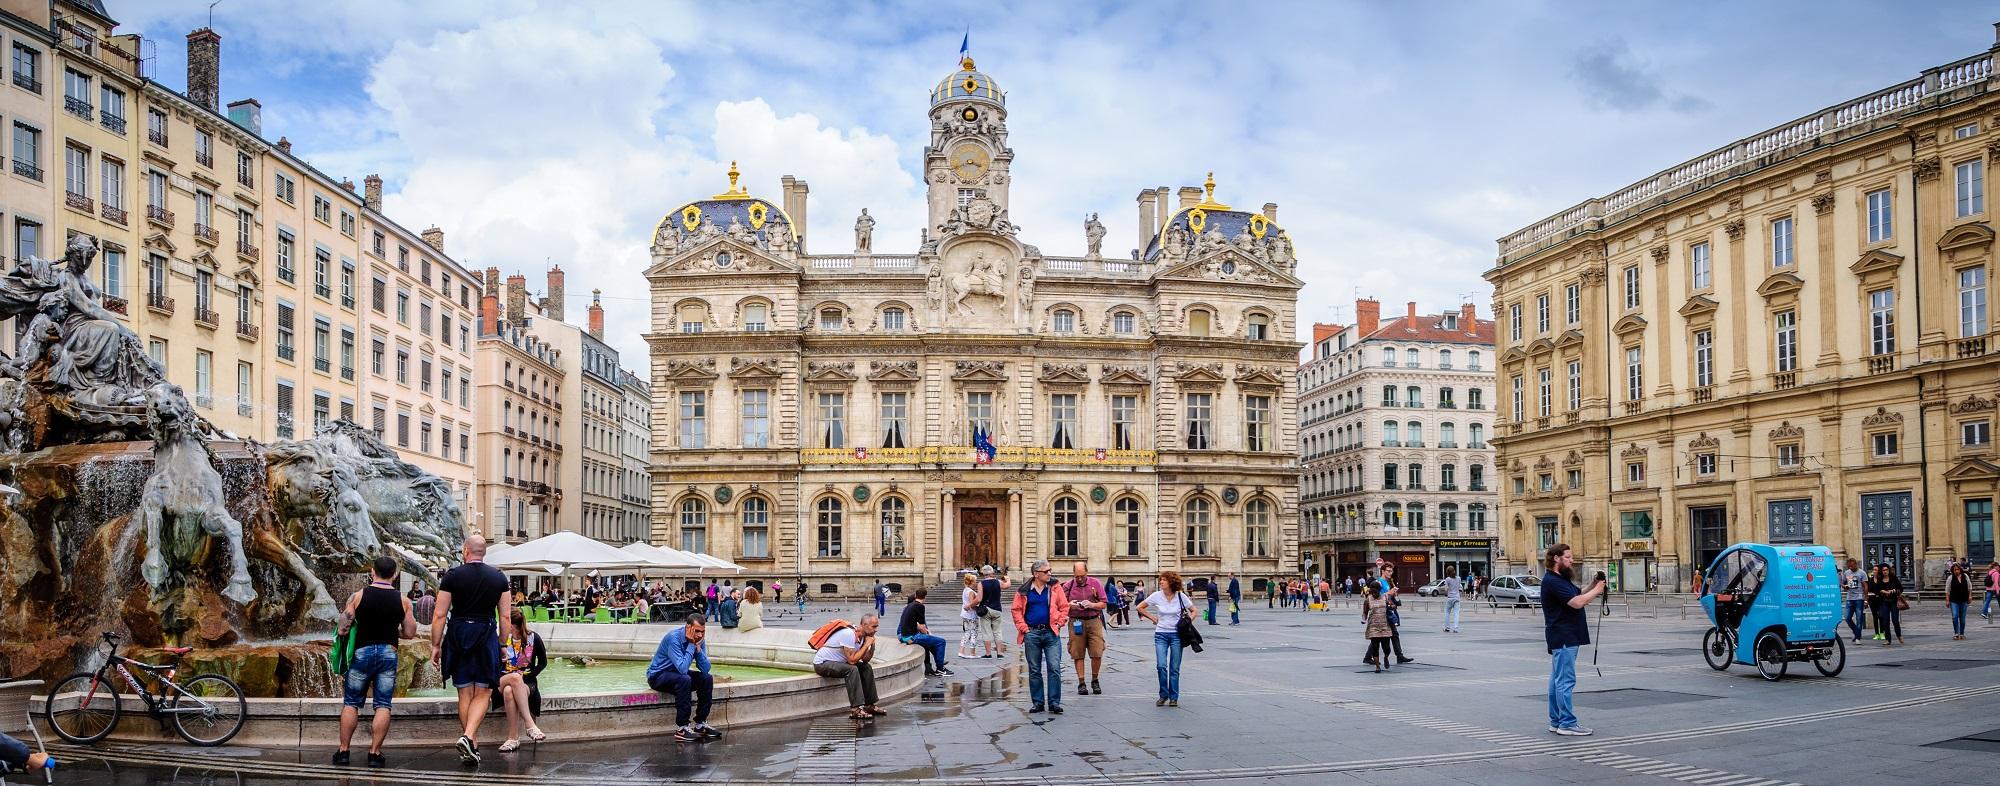 Panorama de la place des Terreaux au centre de Lyon